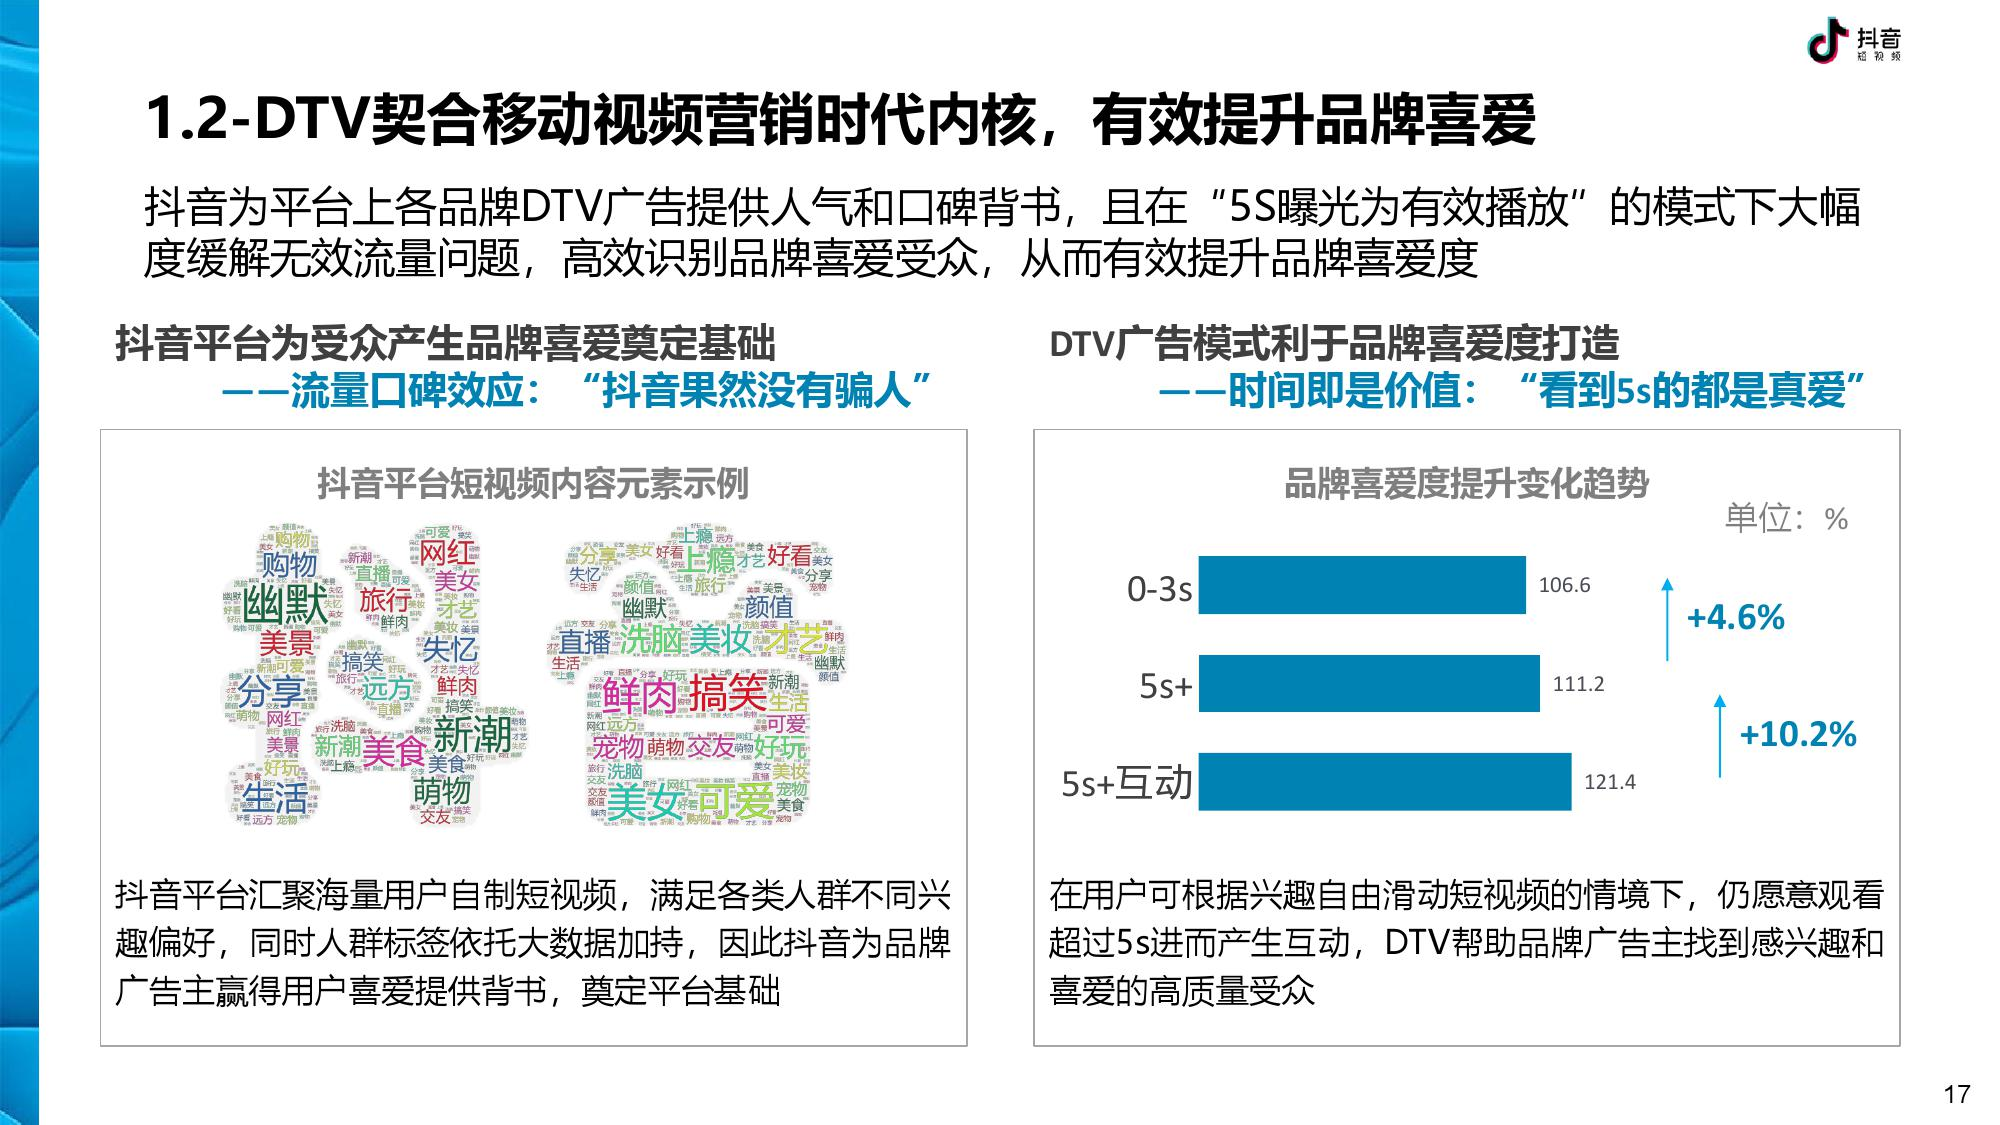 抖音 DTV 广告营销价值白皮书-CNMOAD 中文移动营销资讯 17